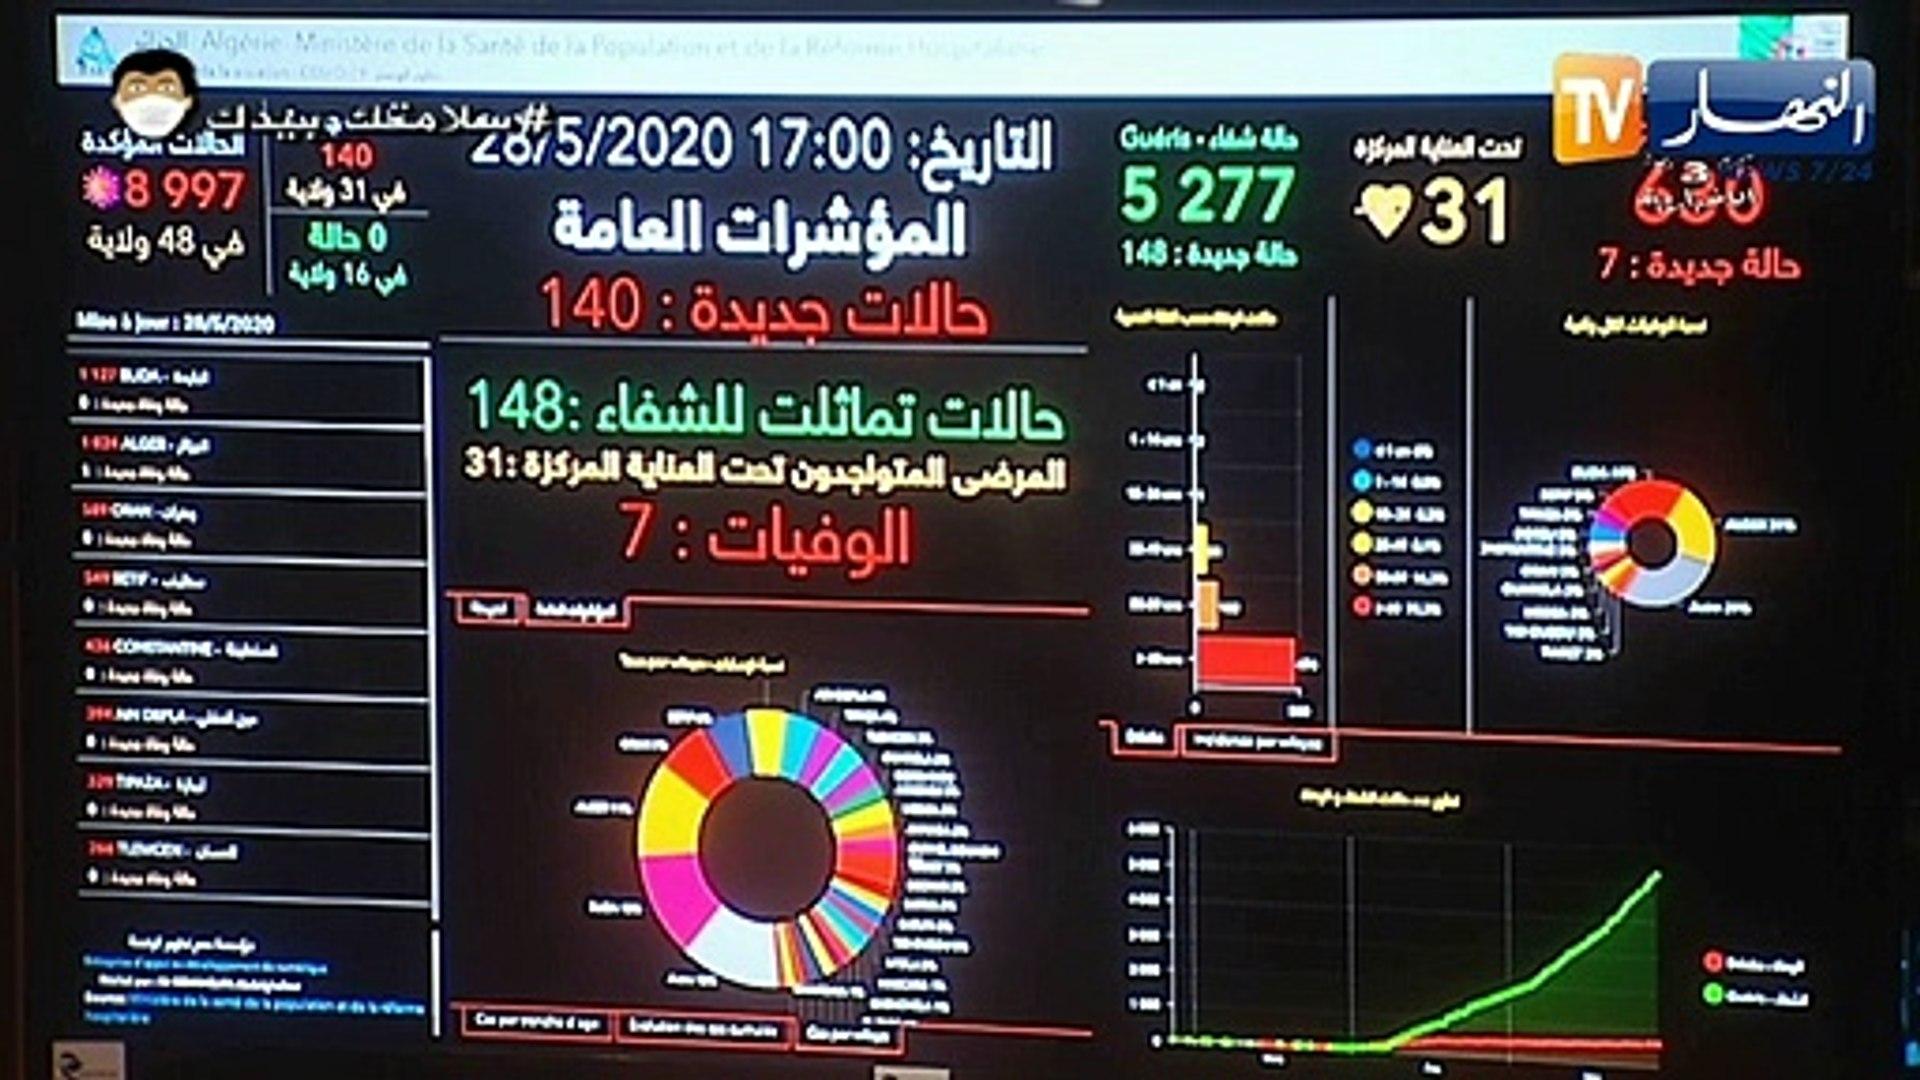 140 إصابة جديدة.. 7 وفيات و148 حالة شفاء.. حصيلة كورونا في الجزائر اليوم